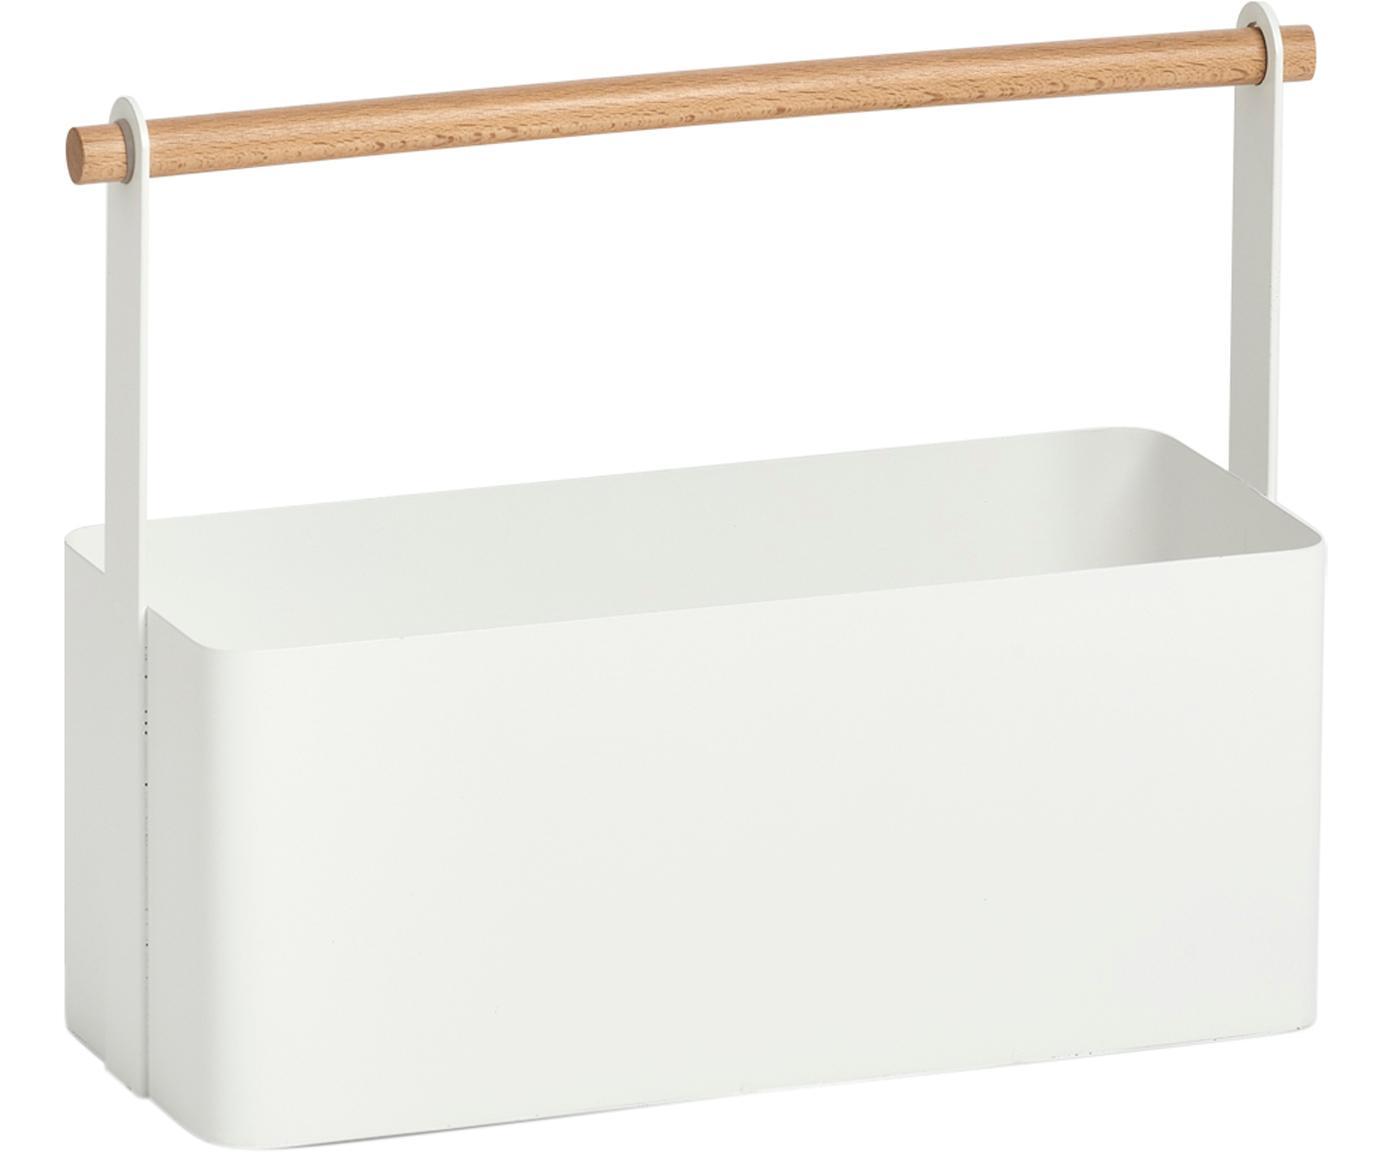 Kosz do przechowywania Ledina, Biały, drewno bukowe, S 32 x W 16 cm